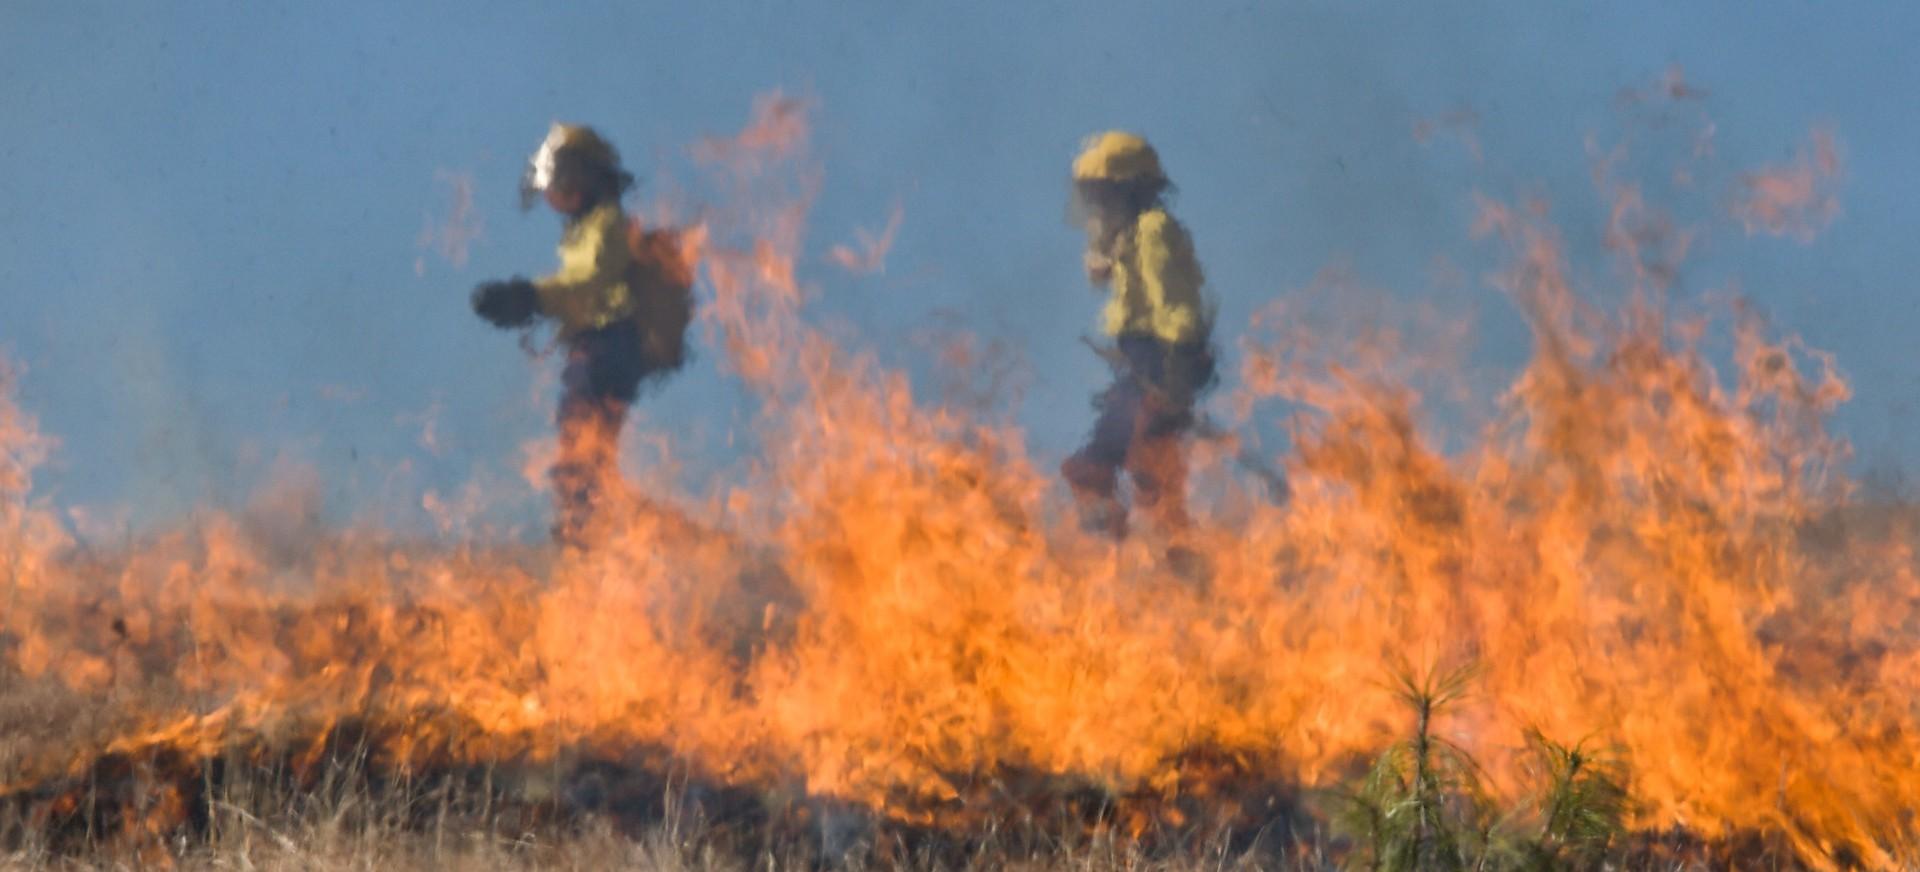 Wypalanie trawy = wielkie zagrożenie dla zwierząt i ludzi